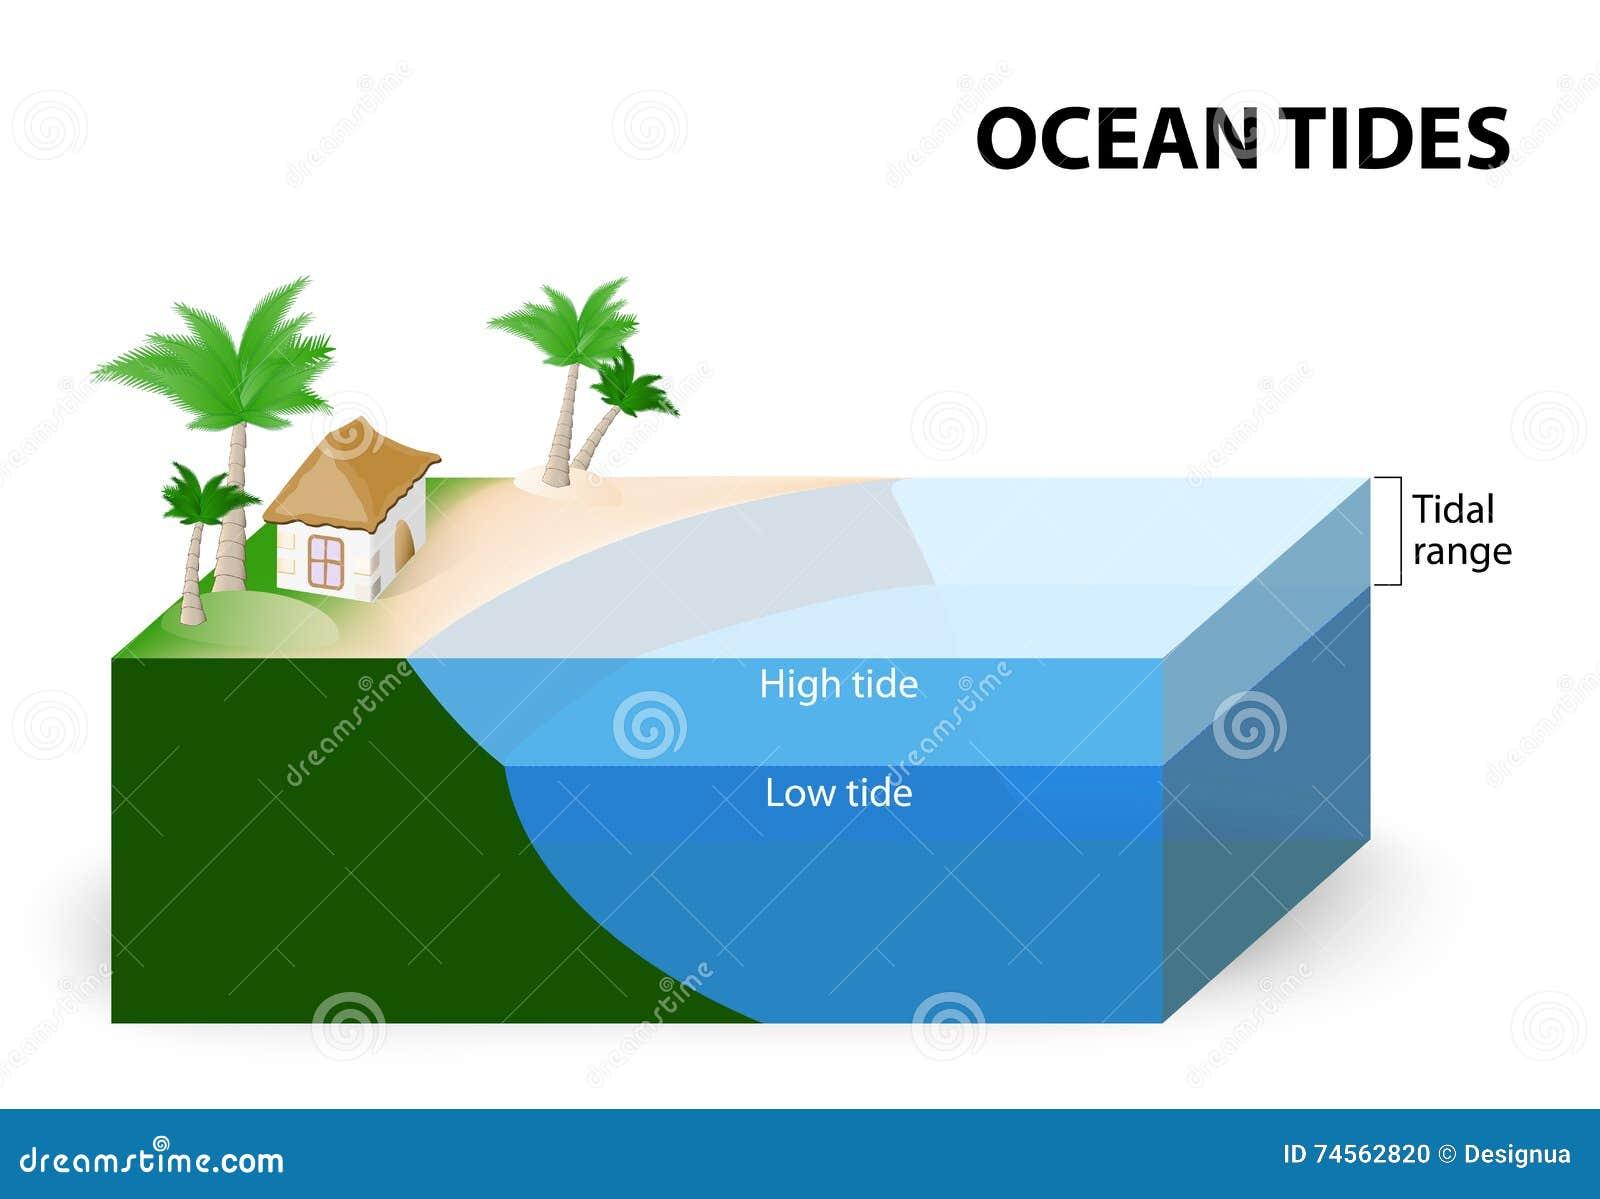 archery range diagram tidal range diagram ocean tides stock vector - image: 74562820